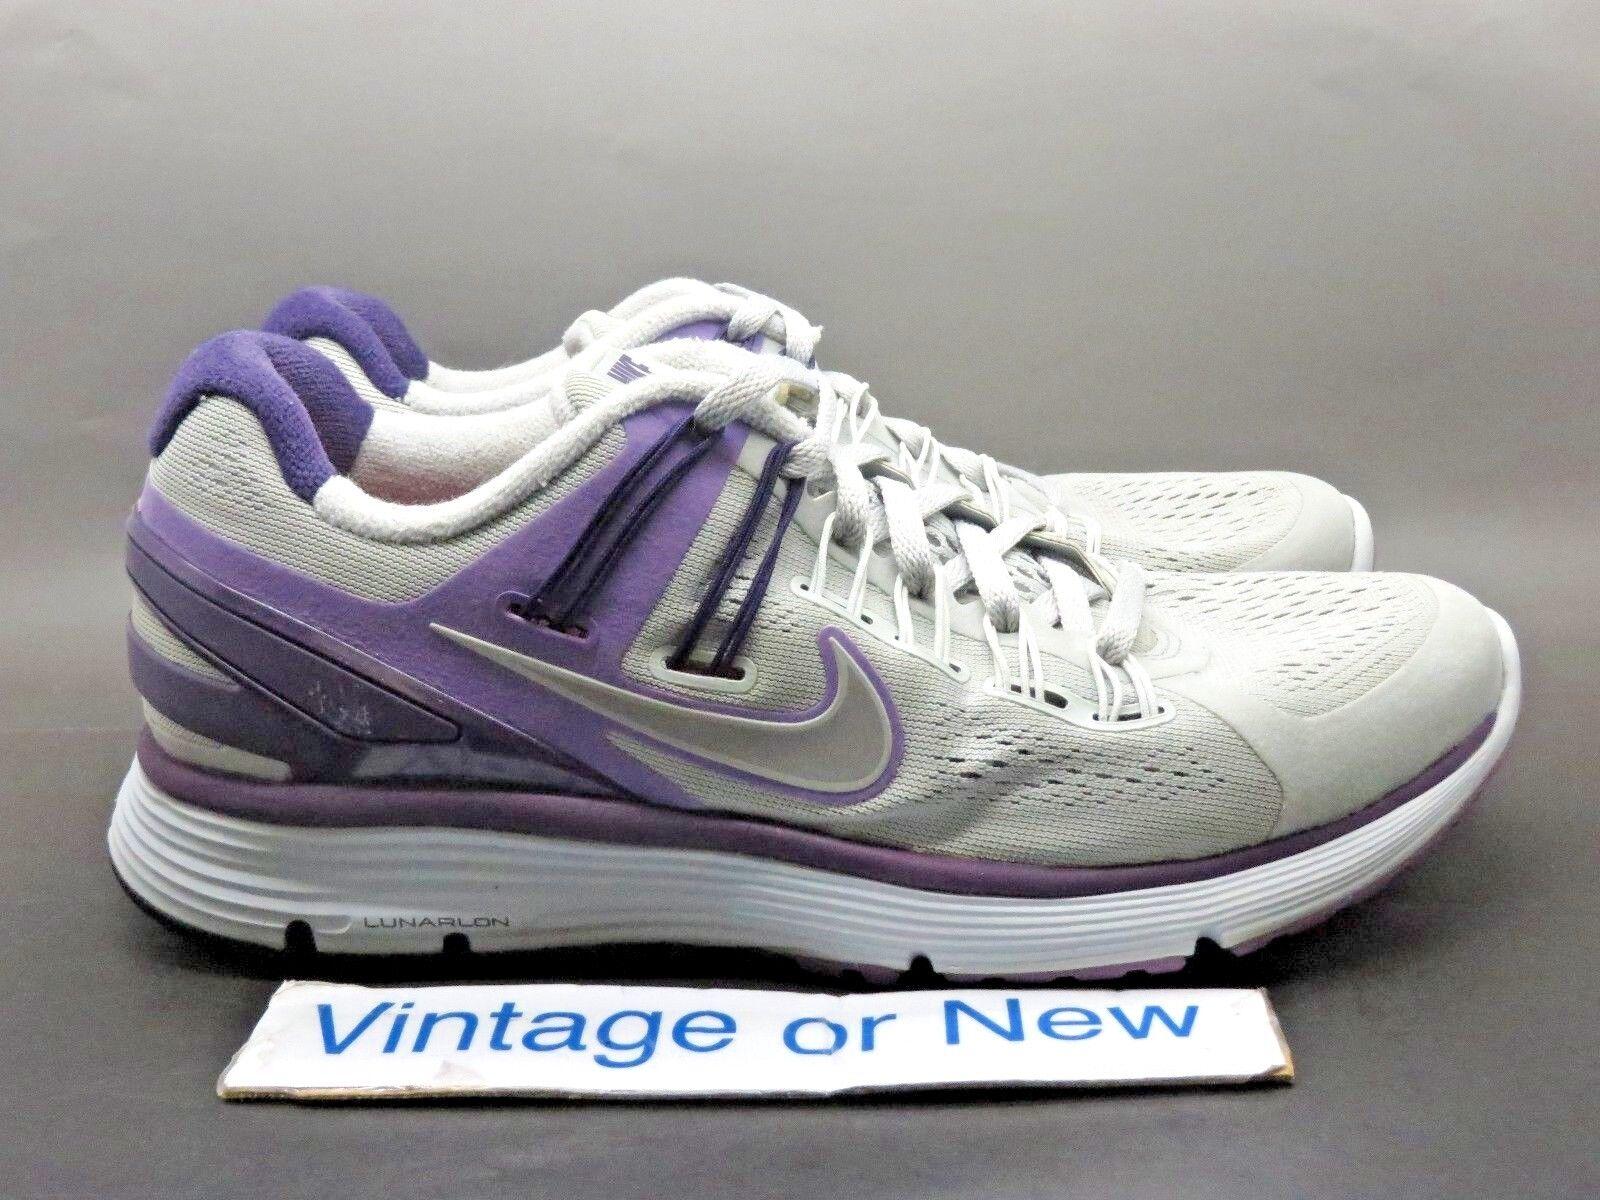 Women's Nike Lunarclipse+ 555398-005 3 Strata Grey Silver Purple Running 555398-005 Lunarclipse+ sz 8 85682c